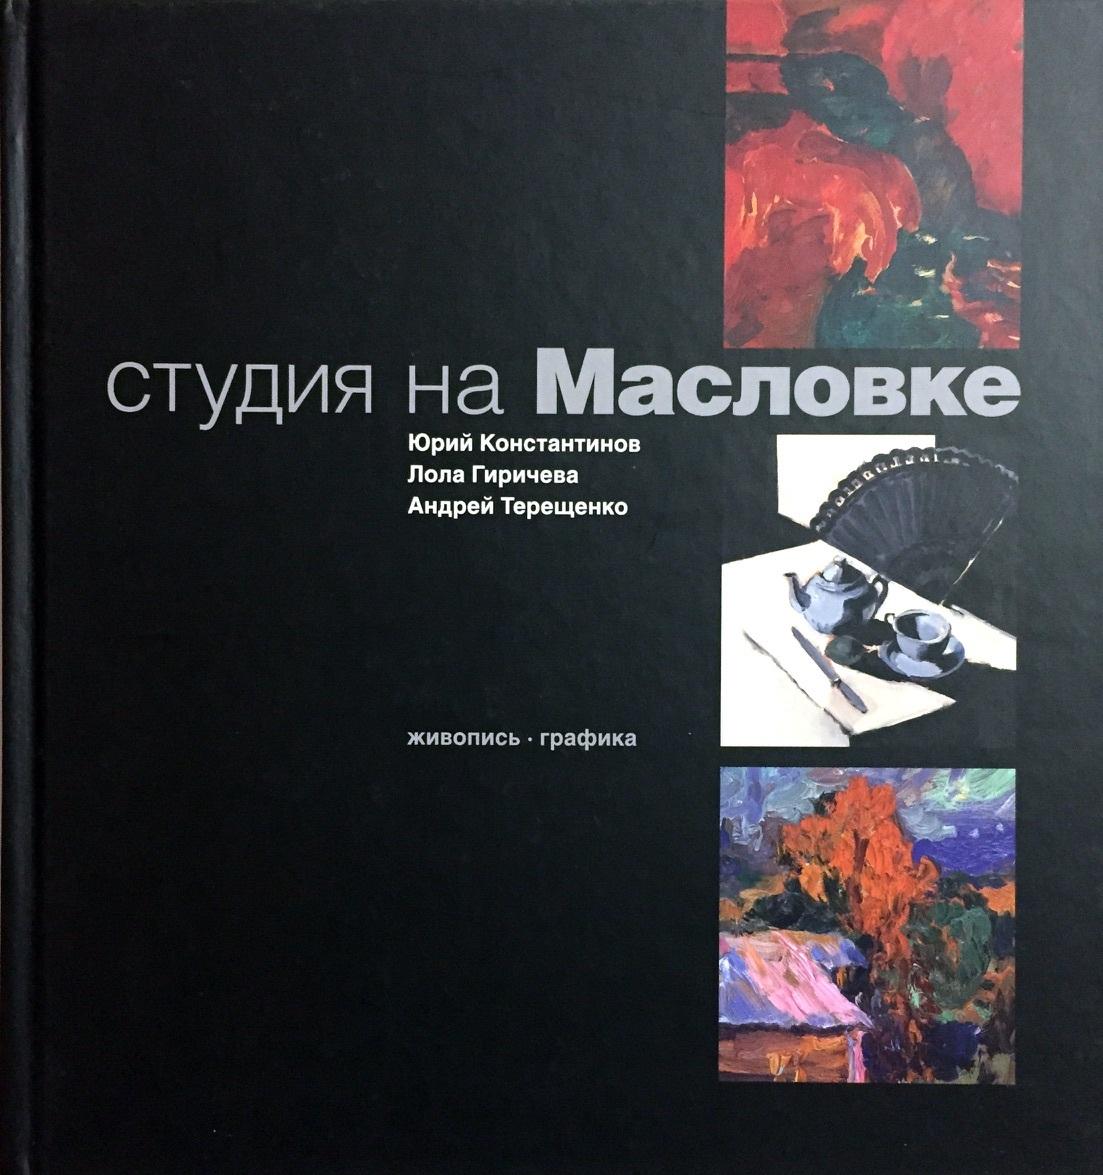 Юрий Константинов, Лола Гиричева, Андрей Терещенко. Студия на Масловке: живопись, графика